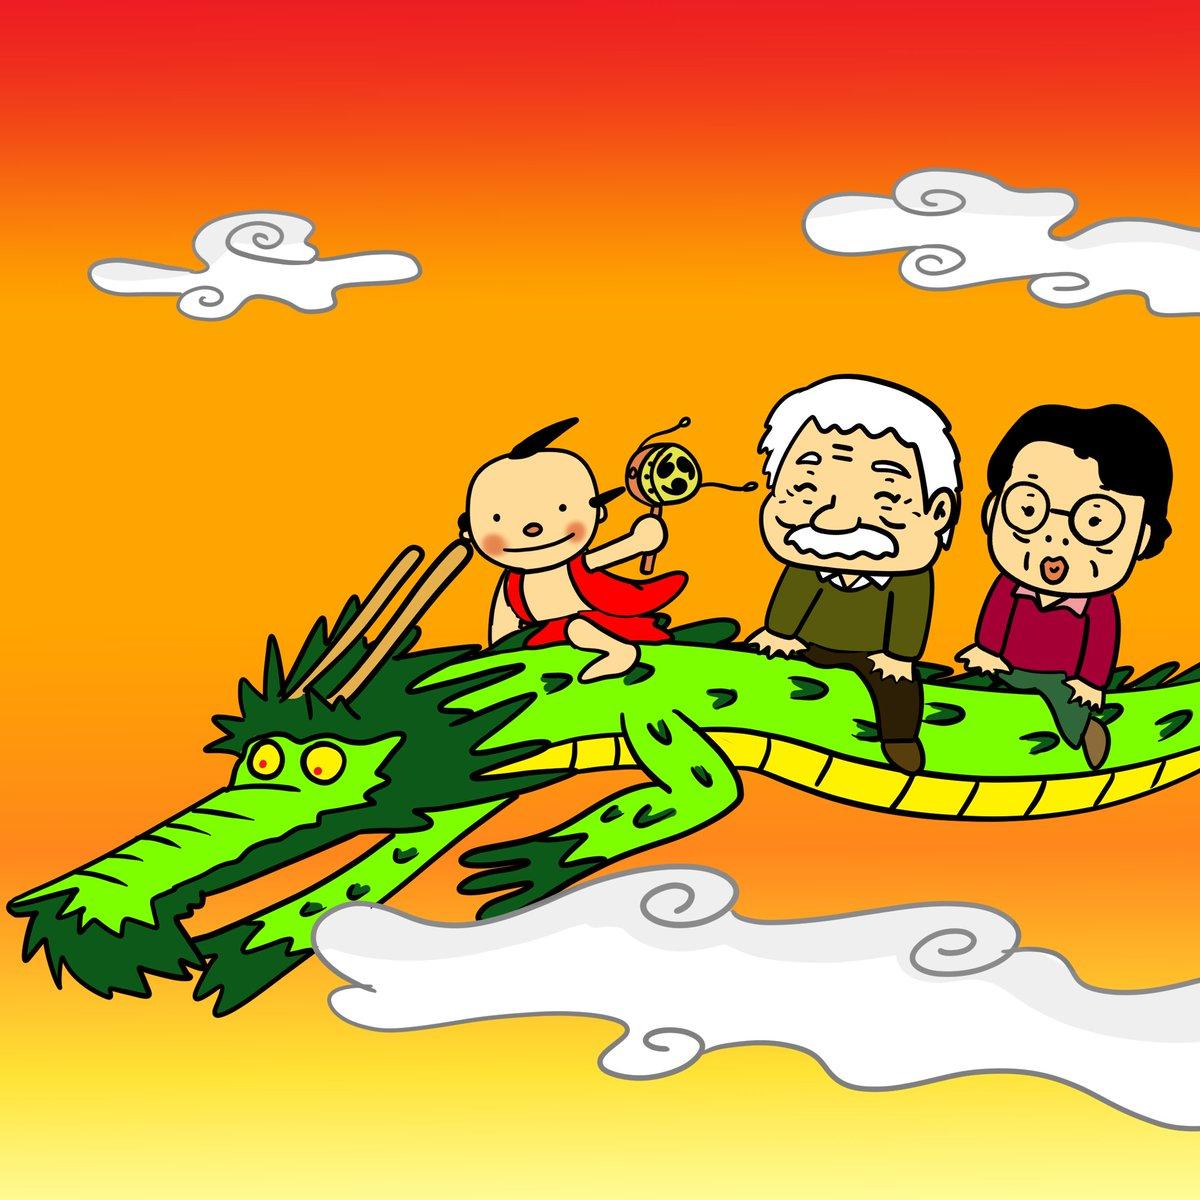 『まんが日本昔ばなし』でにおいて、長年すべての登場人物の声を市原悦子と常田富士男の2人のみで演じていたことは有名ですが、竜神様に乗った常田富士男さんが市原悦子さんを迎えに行くイラストが話題になっています。